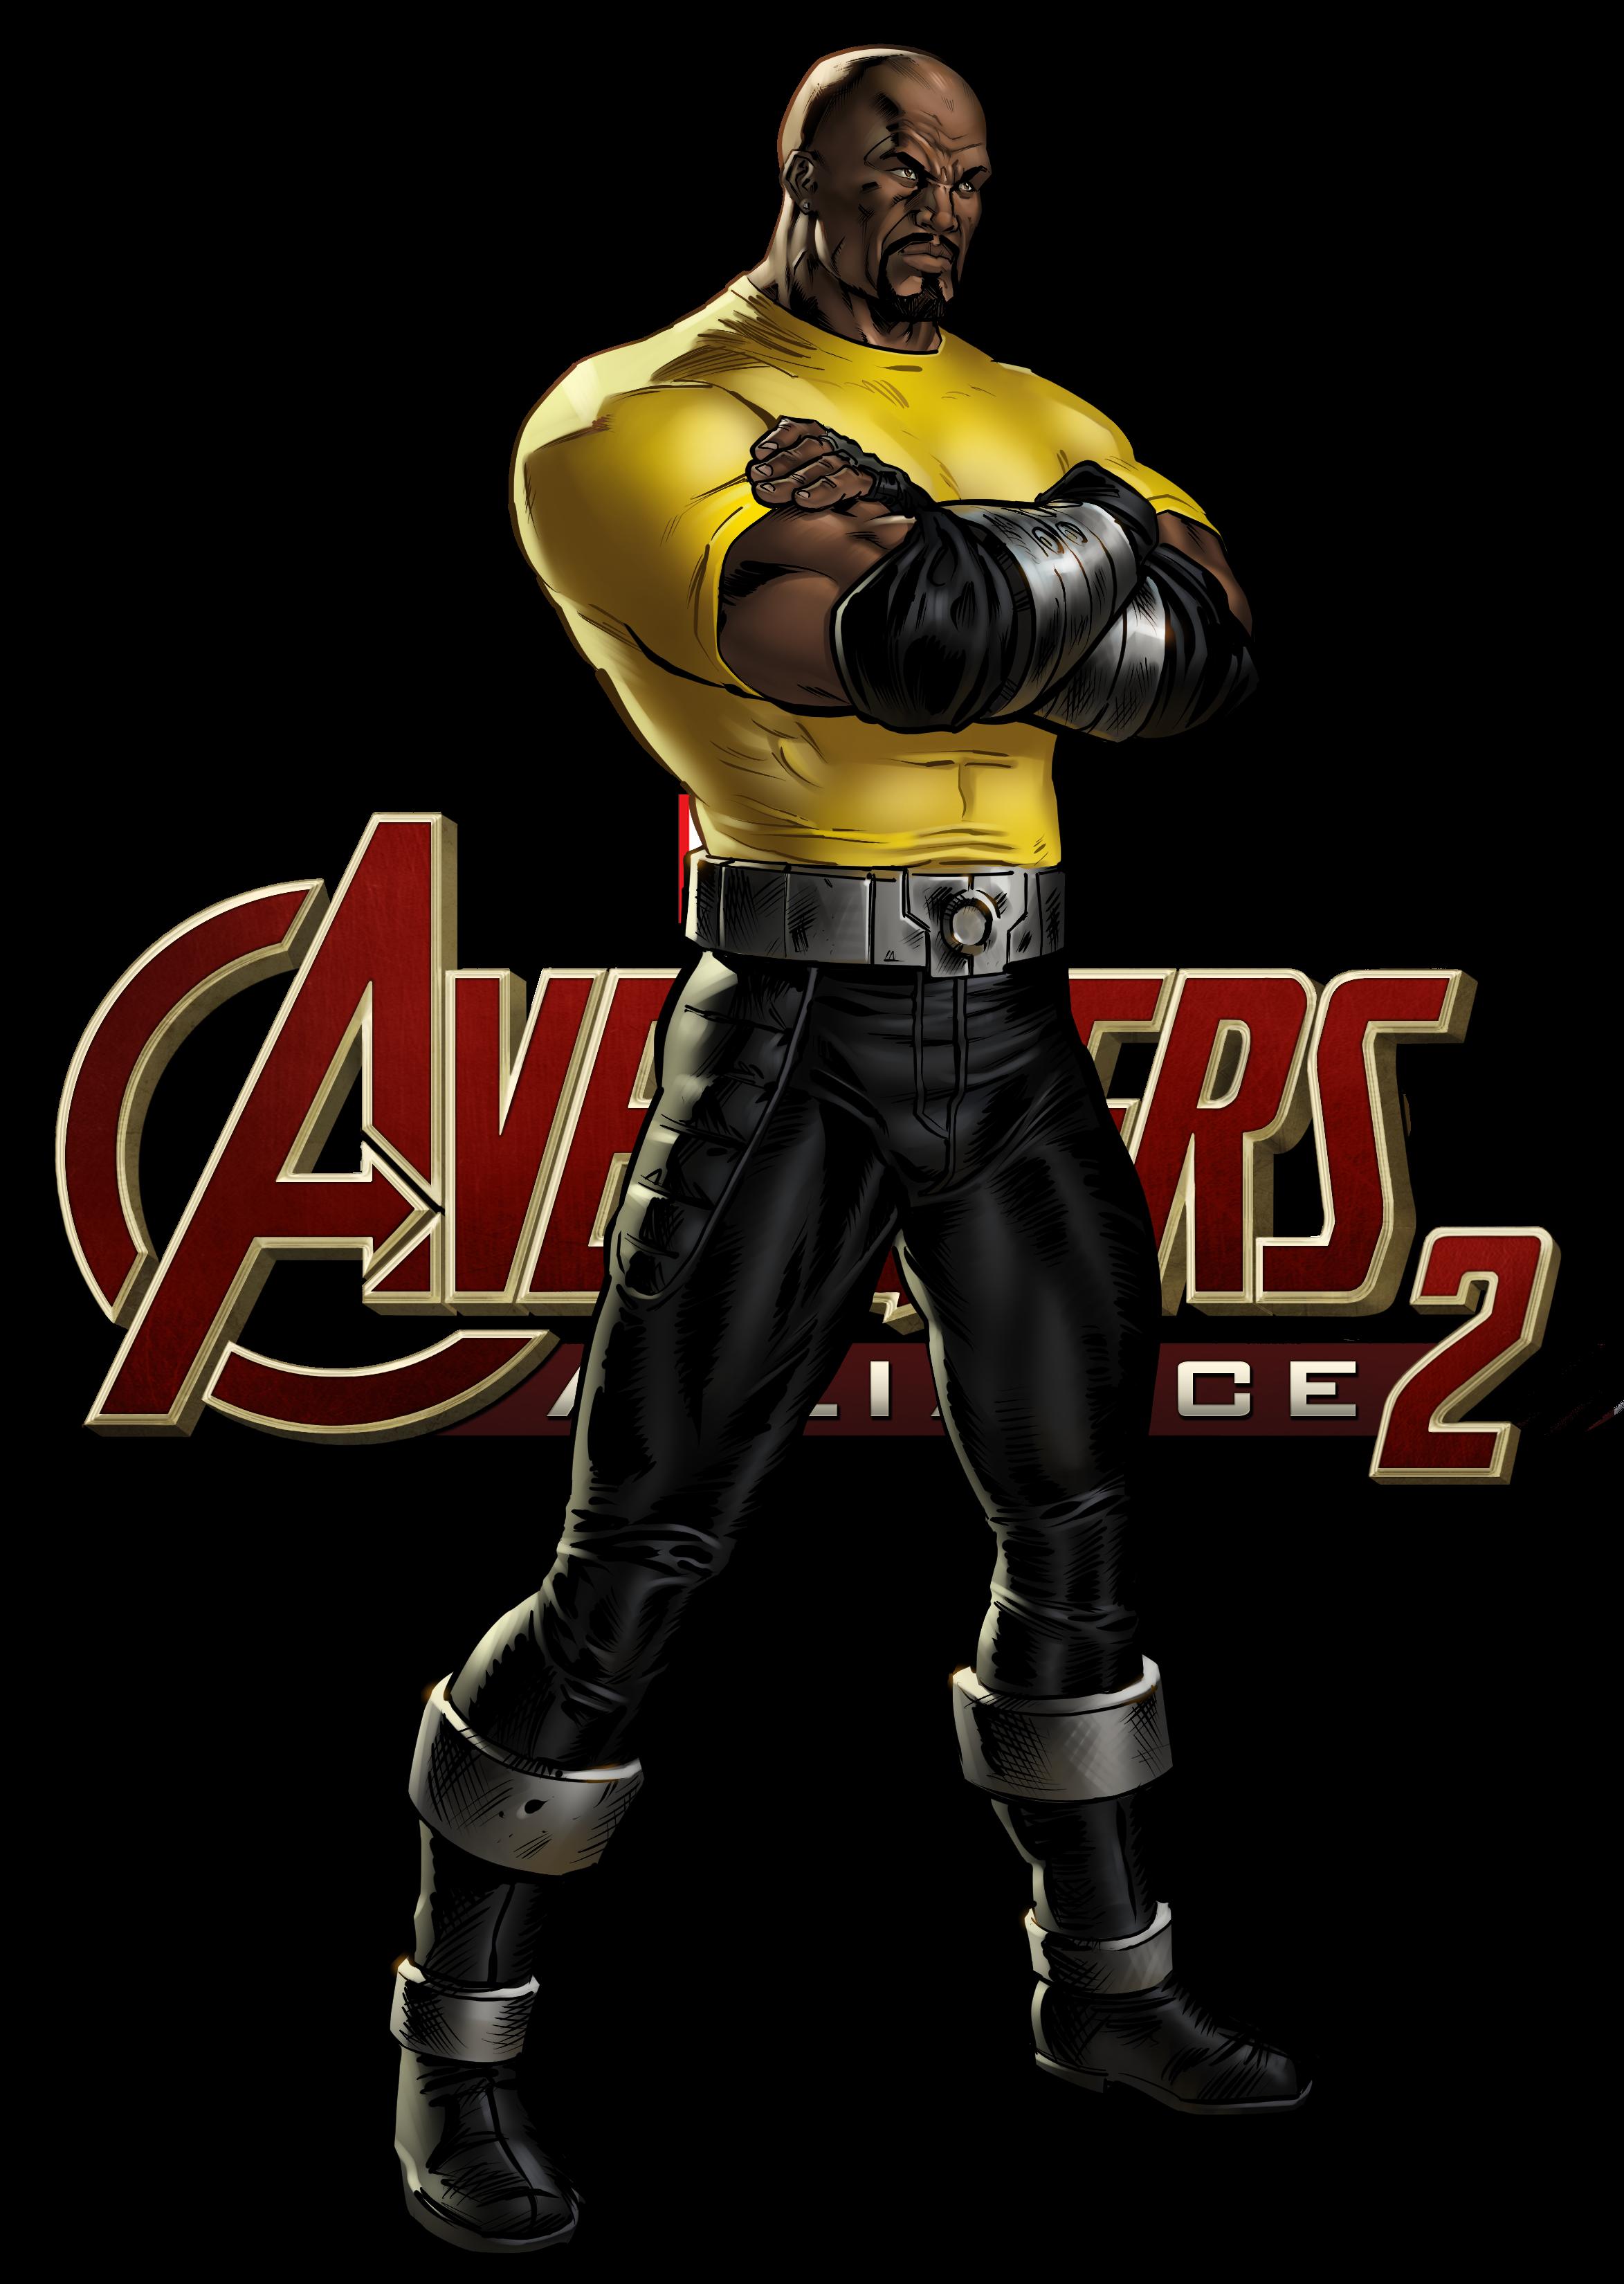 image freeuse stock Marvel avengers alliance . Drawing power luke cage